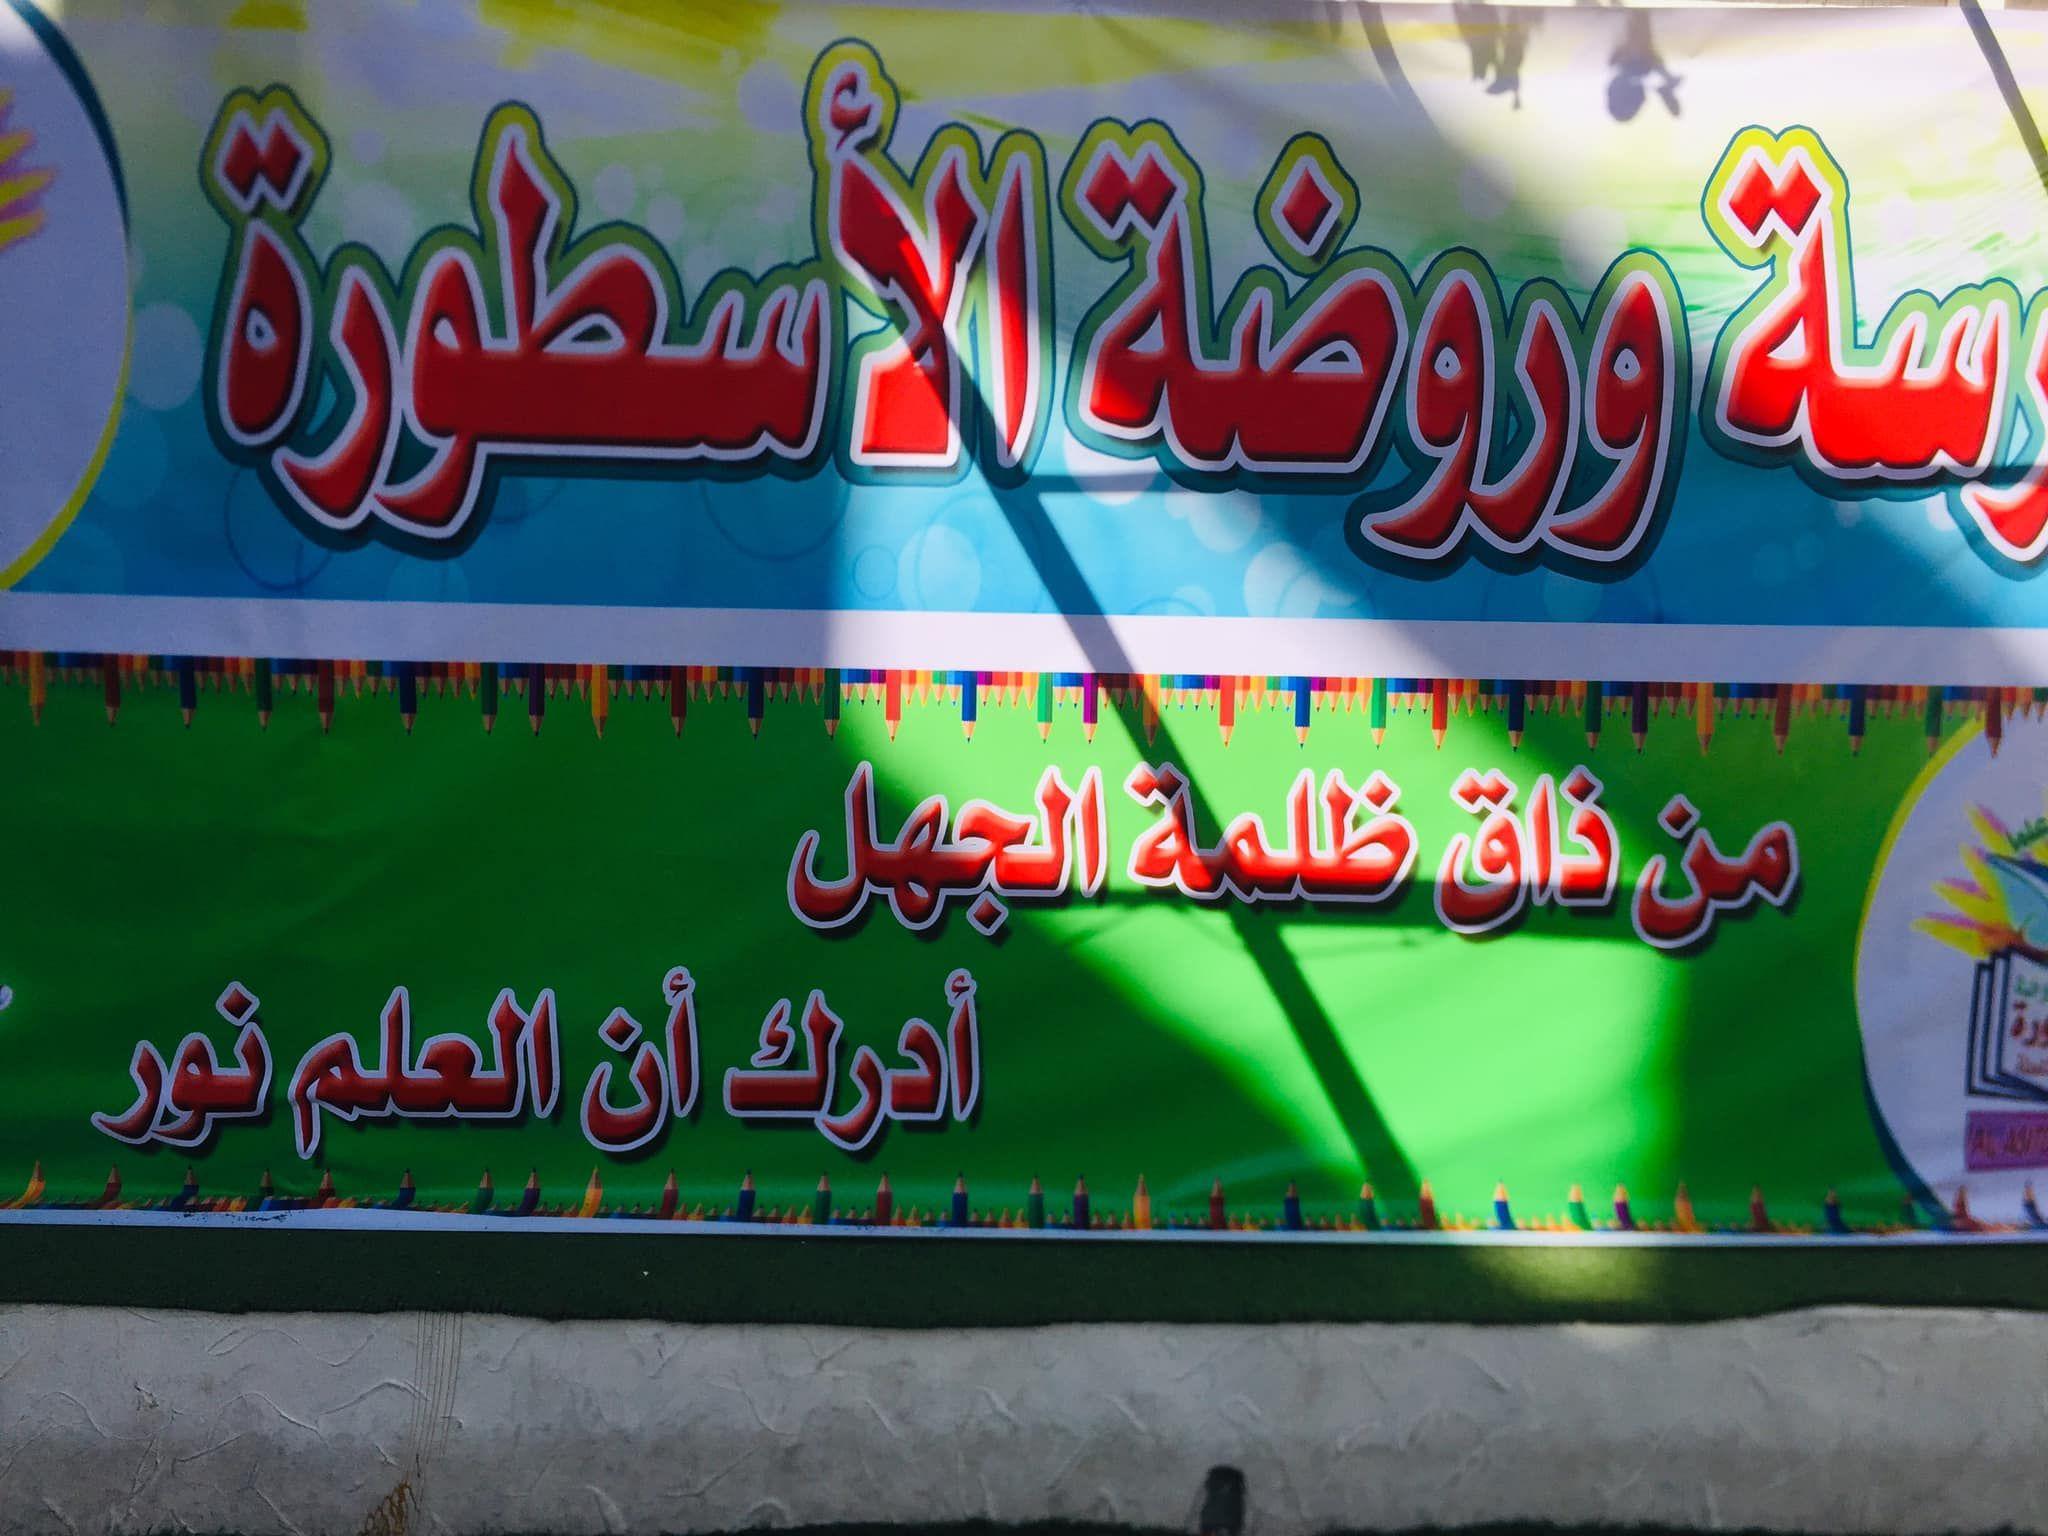 شعارات مدرسية من ذاق ظلمة الجهل أدرك أن العلم نور مصطفى نور الدين Neon Signs Neon Signs